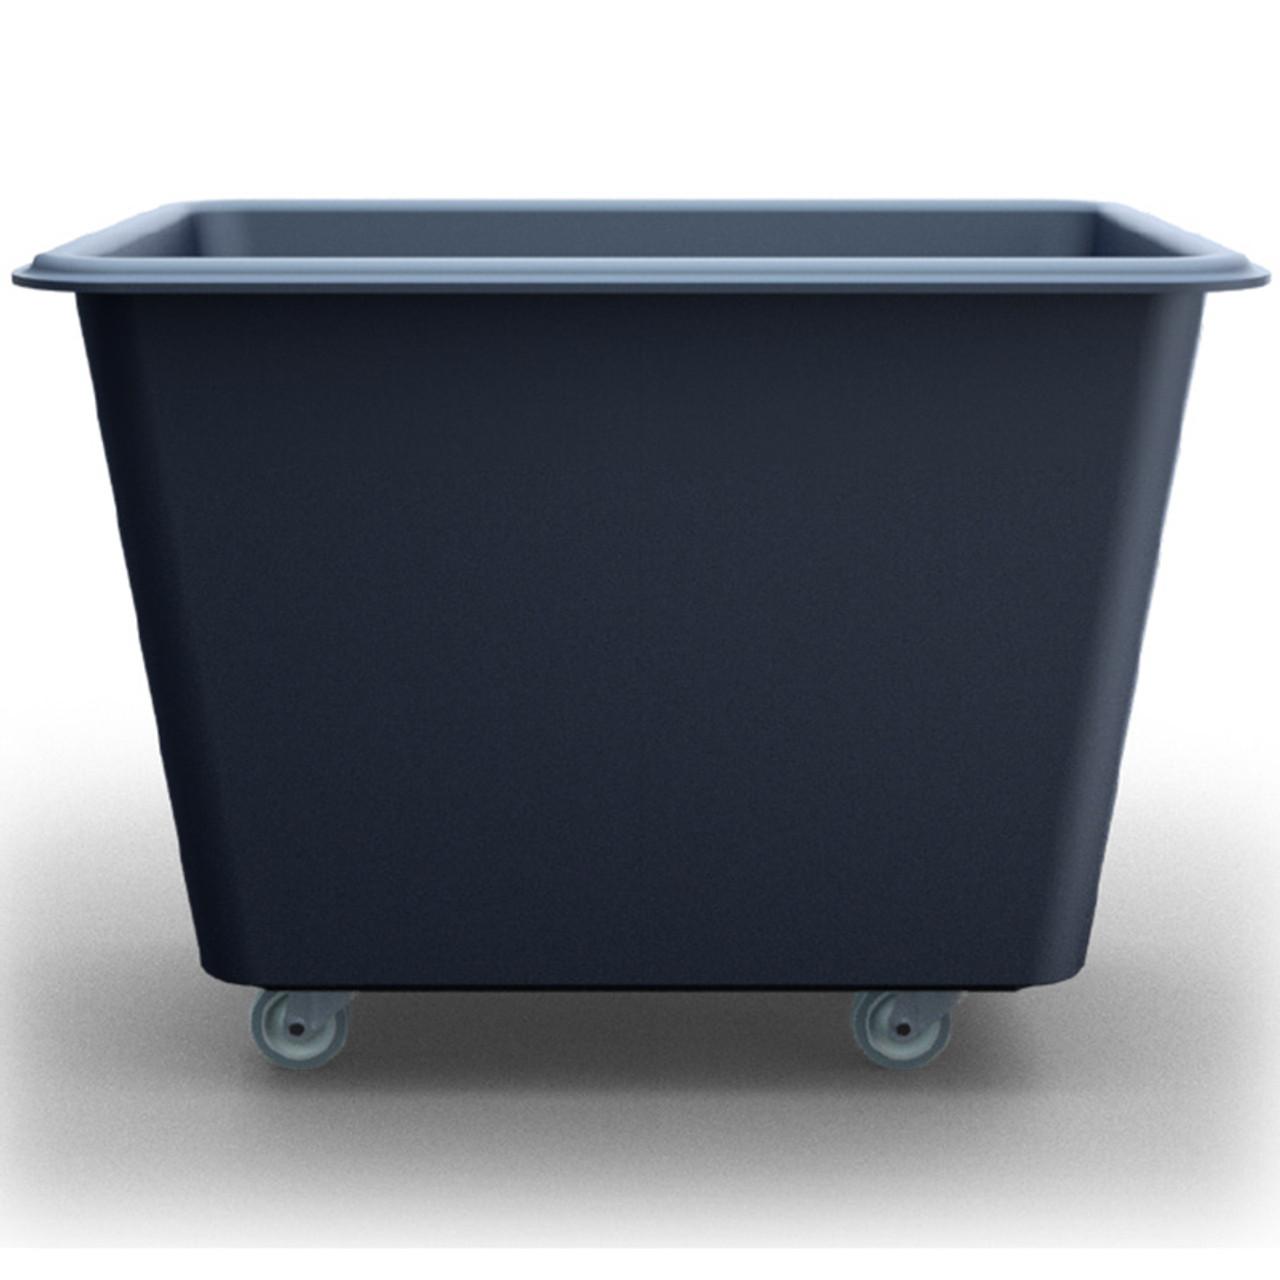 Utility-Trux Bin Cart Side View